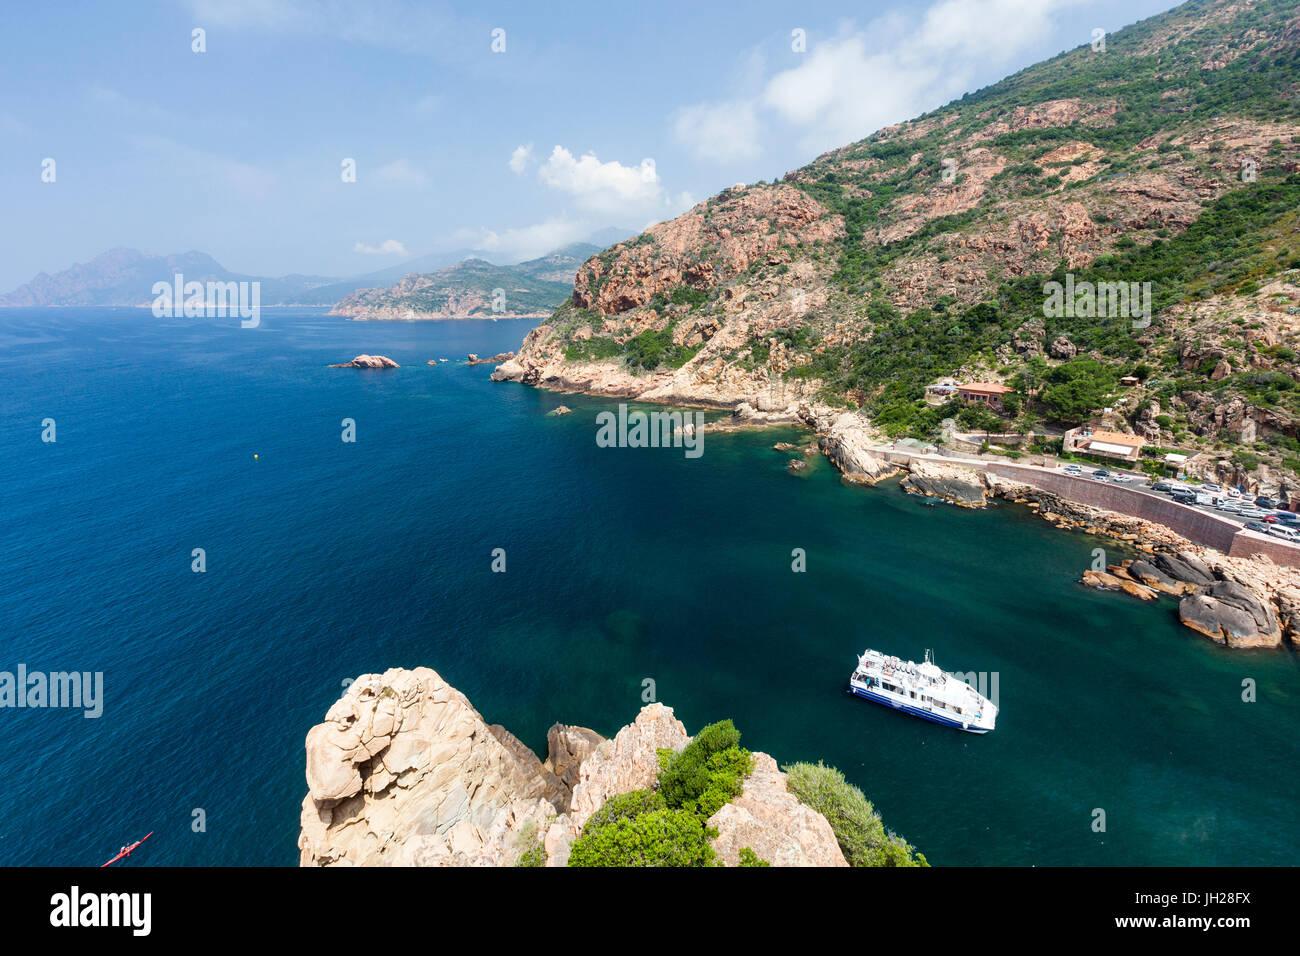 Bateau de tourisme dans la mer turquoise encadrée par des falaises de calcaire, Porto, la Corse du Sud, France, Photo Stock